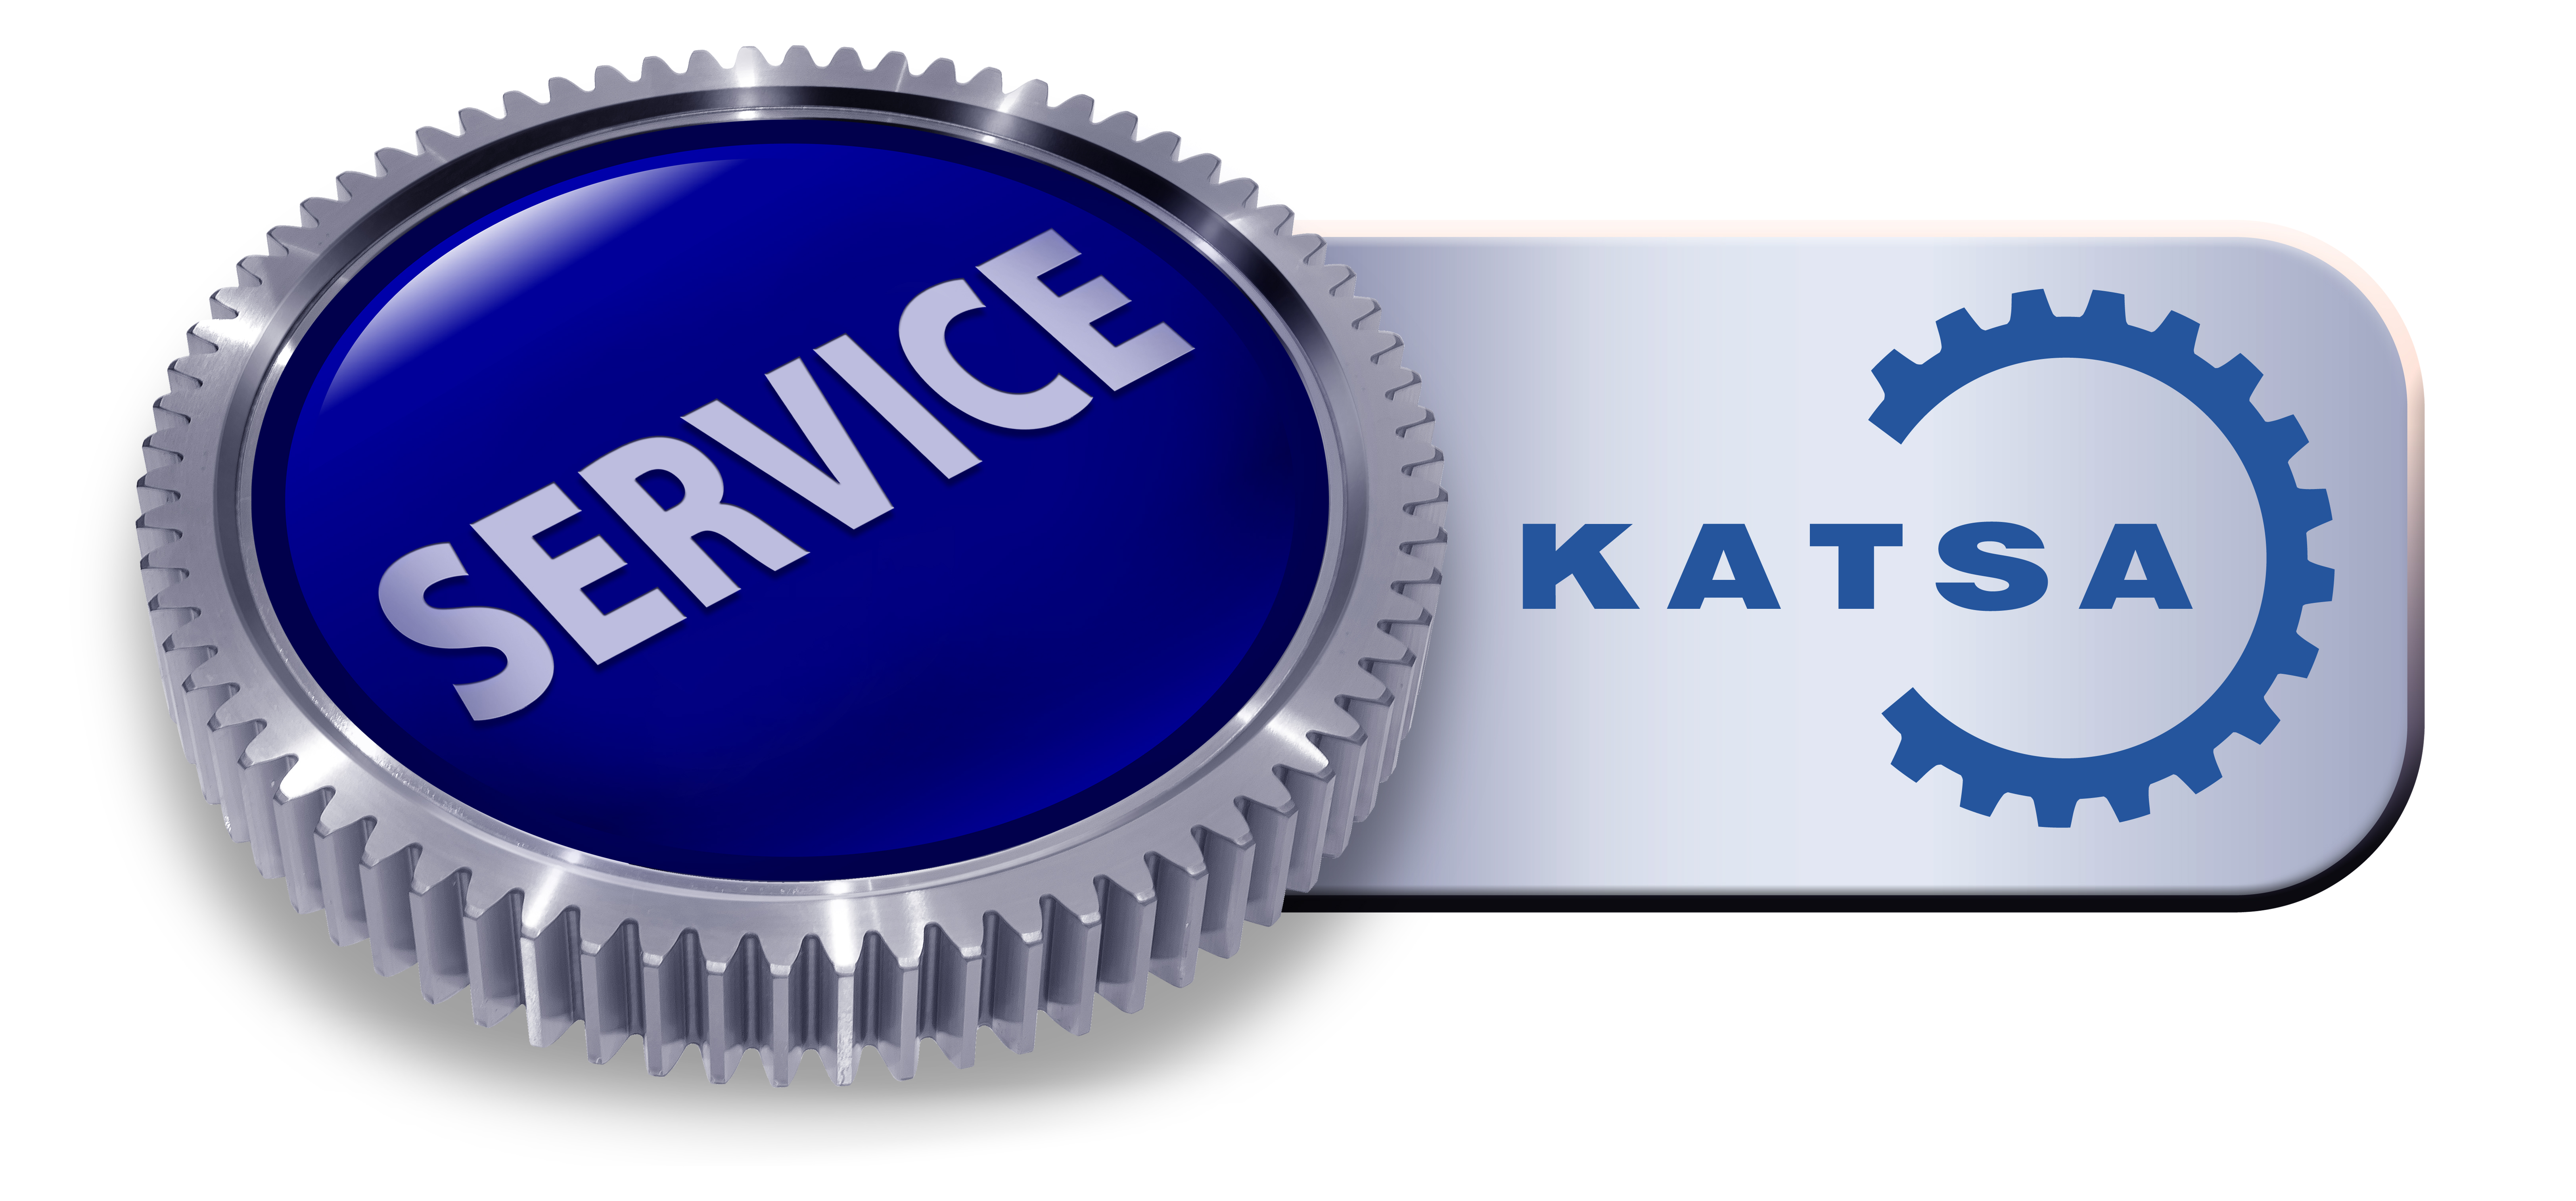 Katsa-service-merkki